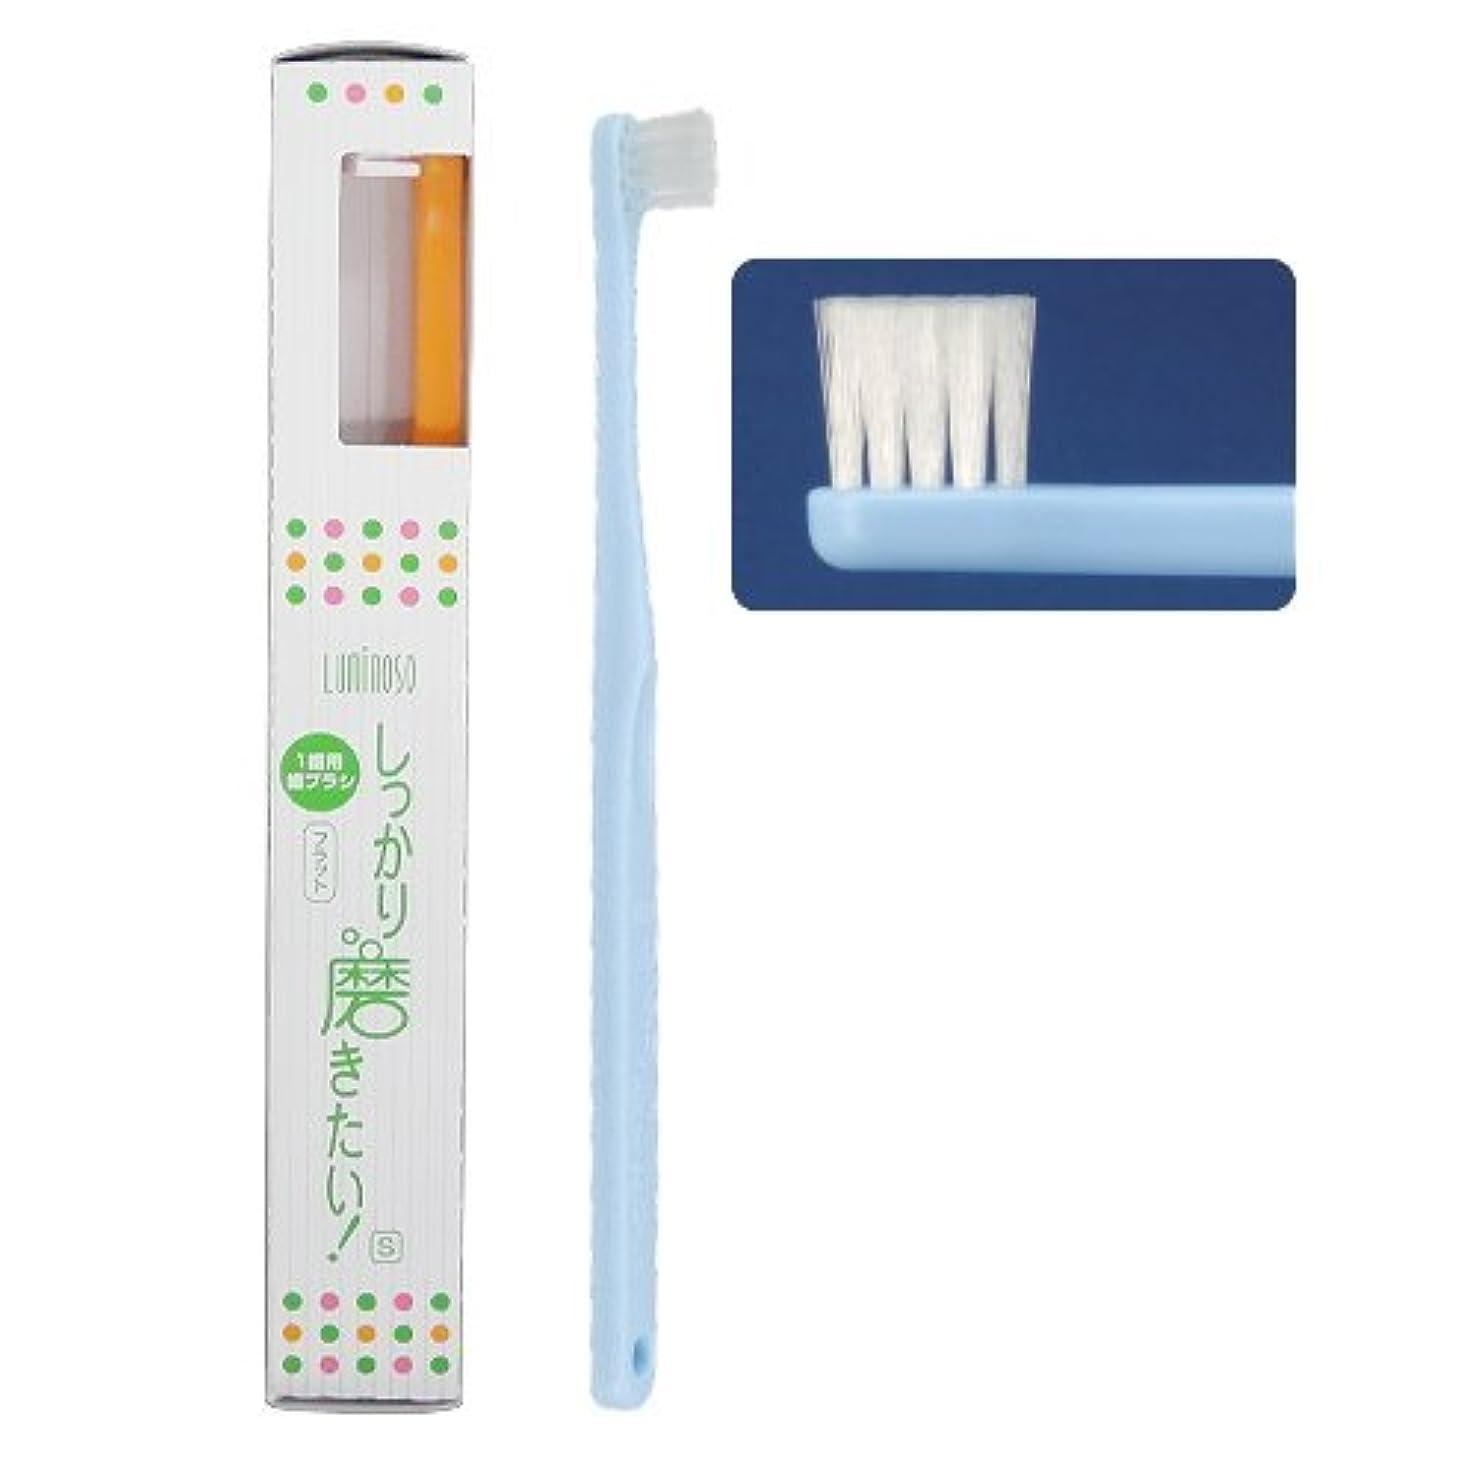 見かけ上下向きインタネットを見るルミノソ 1歯用歯ブラシ 「しっかり磨きたい!」 フラット ソフト (カラー指定不可) 10本